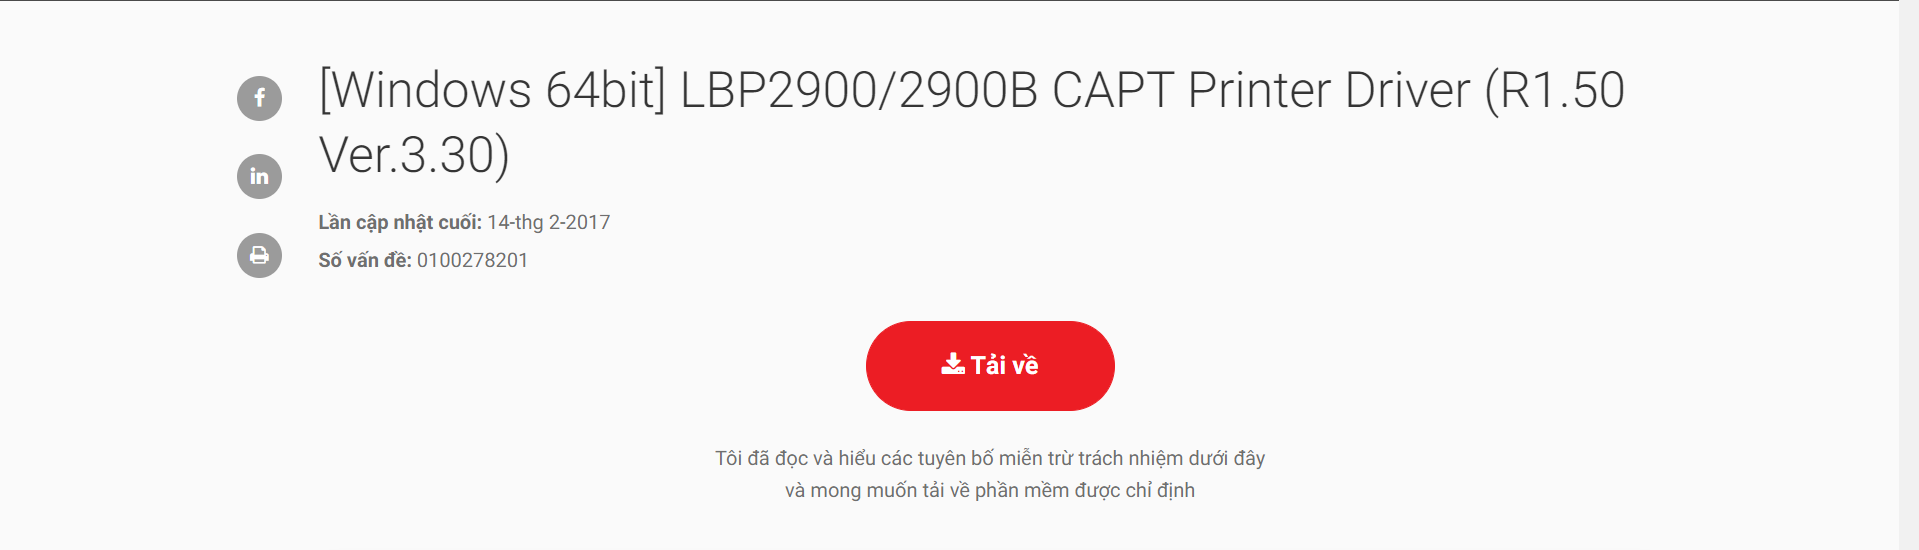 (Hướng Dẫn Cài Đặt Máy In Canon Laser Shot LBP 2900 - ANPHATPC.COM.VN)